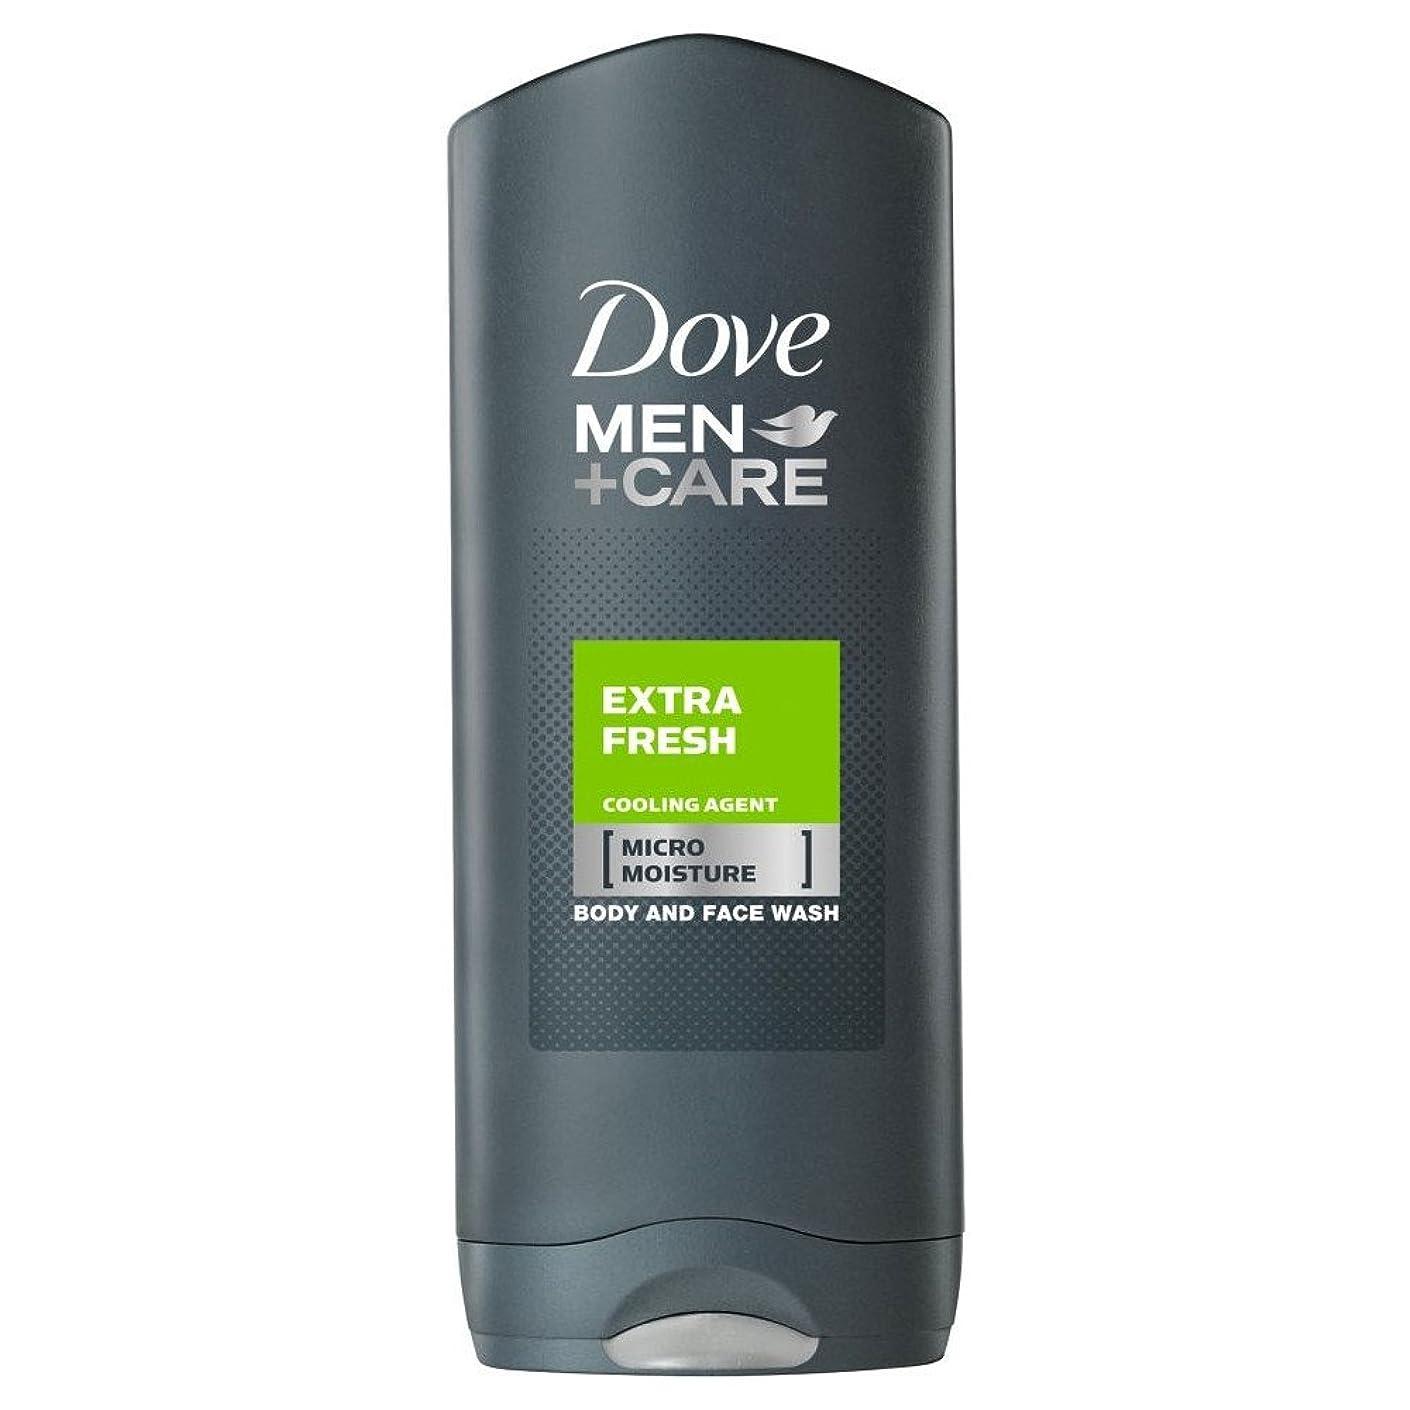 切断するアクセシブル取るDove Men + Care Extra Fresh Cooling Agent Body & Face Wash (400ml) 鳩の男性+ケア余分な新鮮な冷却剤本体とフェイスウォッシュ( 400ミリリットル) [並行輸入品]